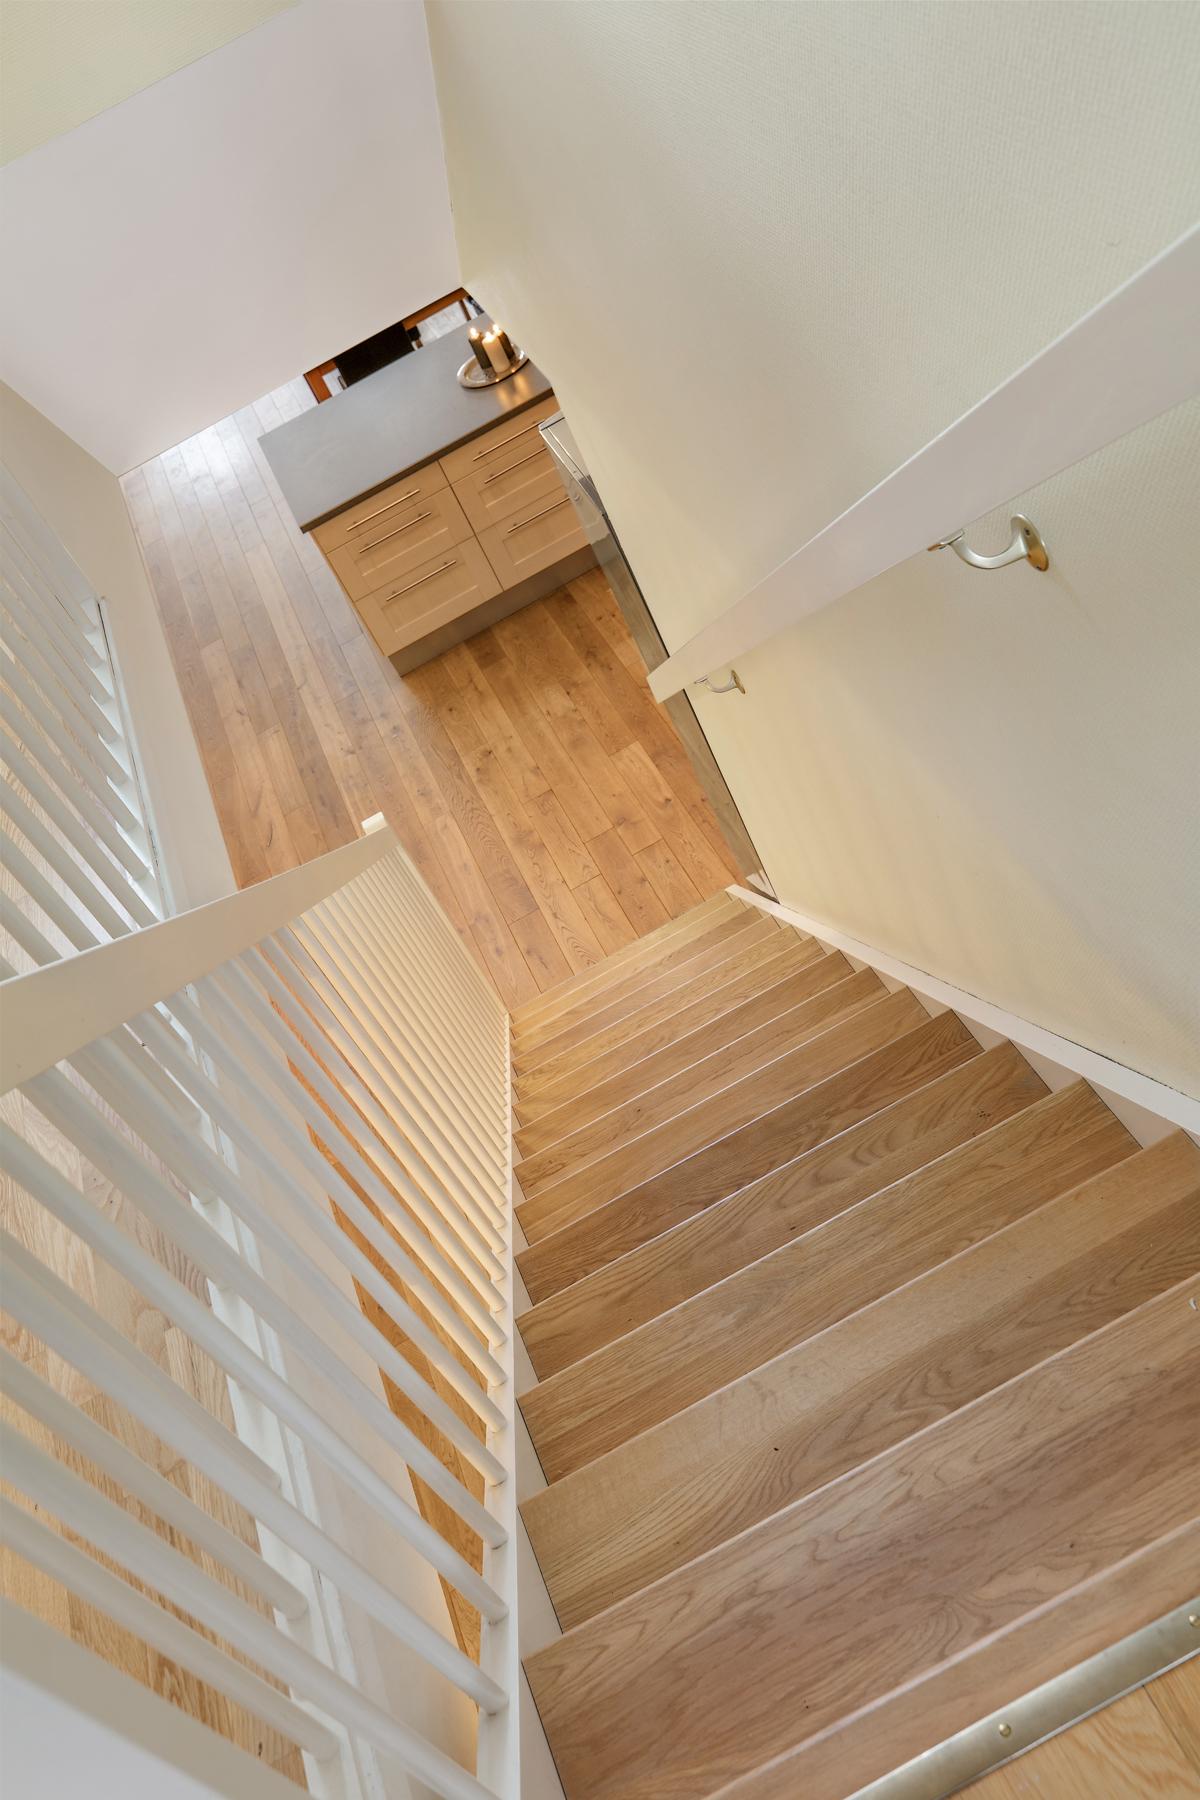 Tette trapper mellom etasjene